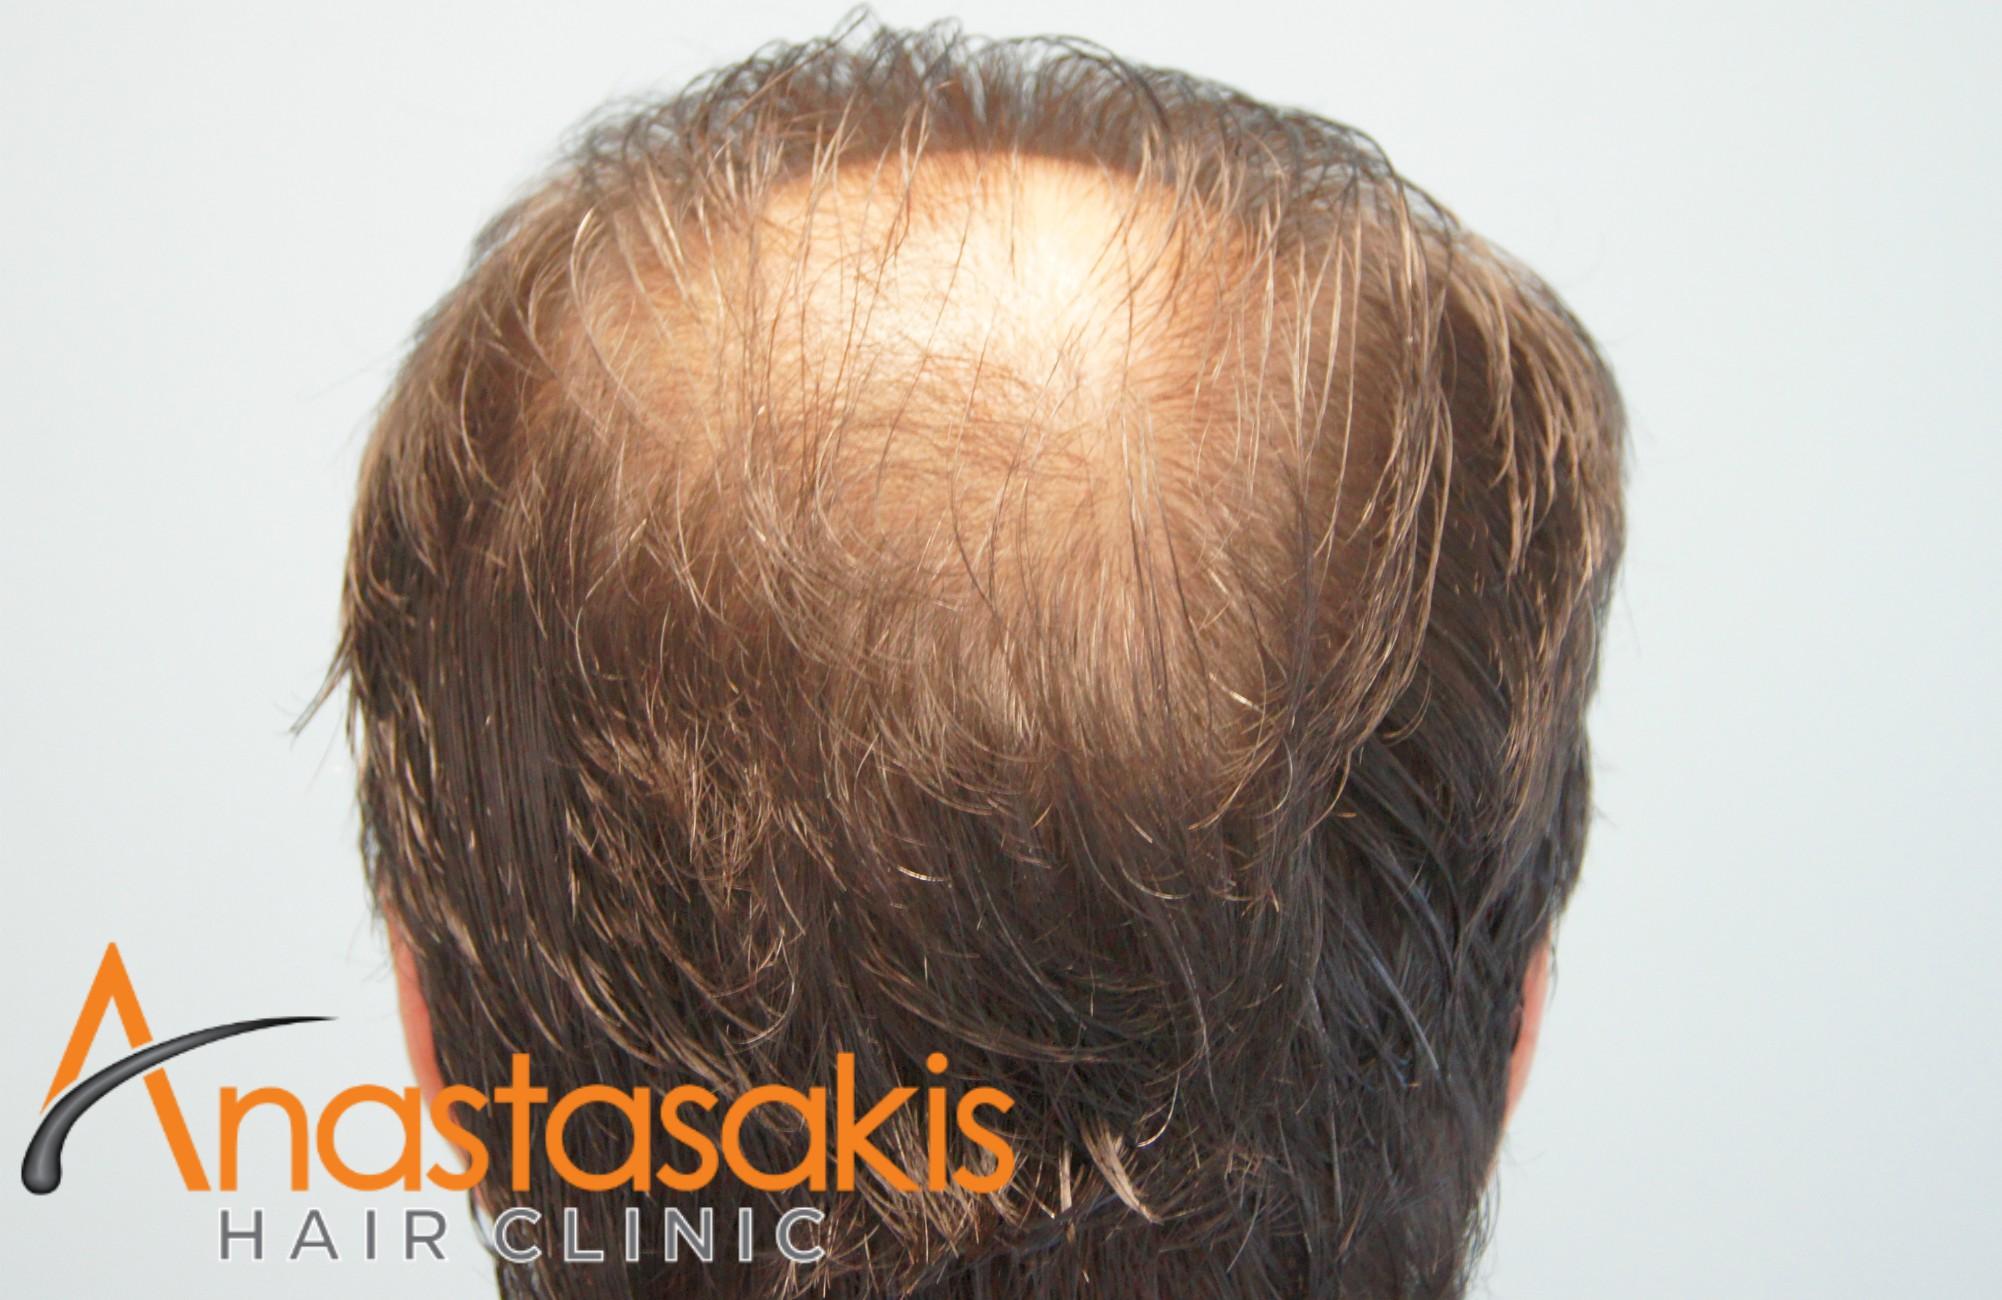 δοτρια ασθενους πριν τη μεταμοσχευση μαλλιων με 3300 fus